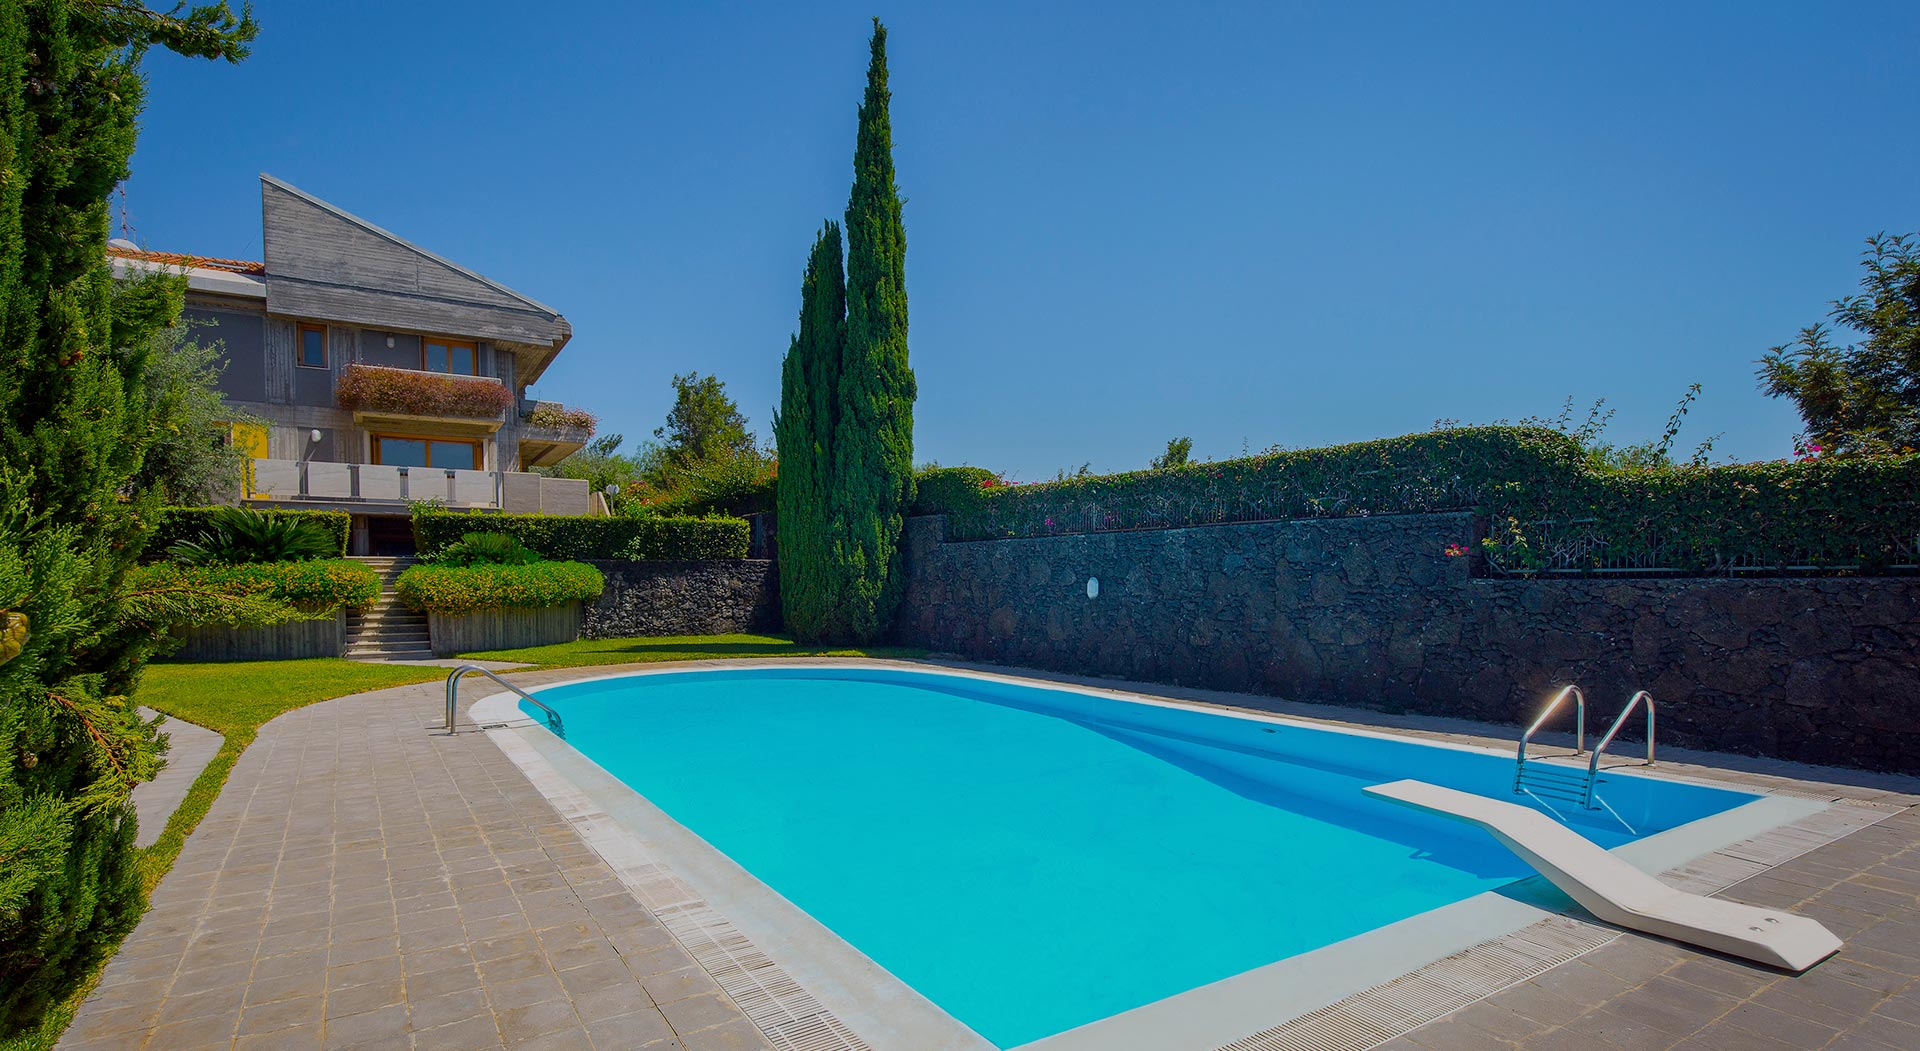 Esclusiva villa su pi piani con piscina in vendita a s for Piani del cortile con piscine